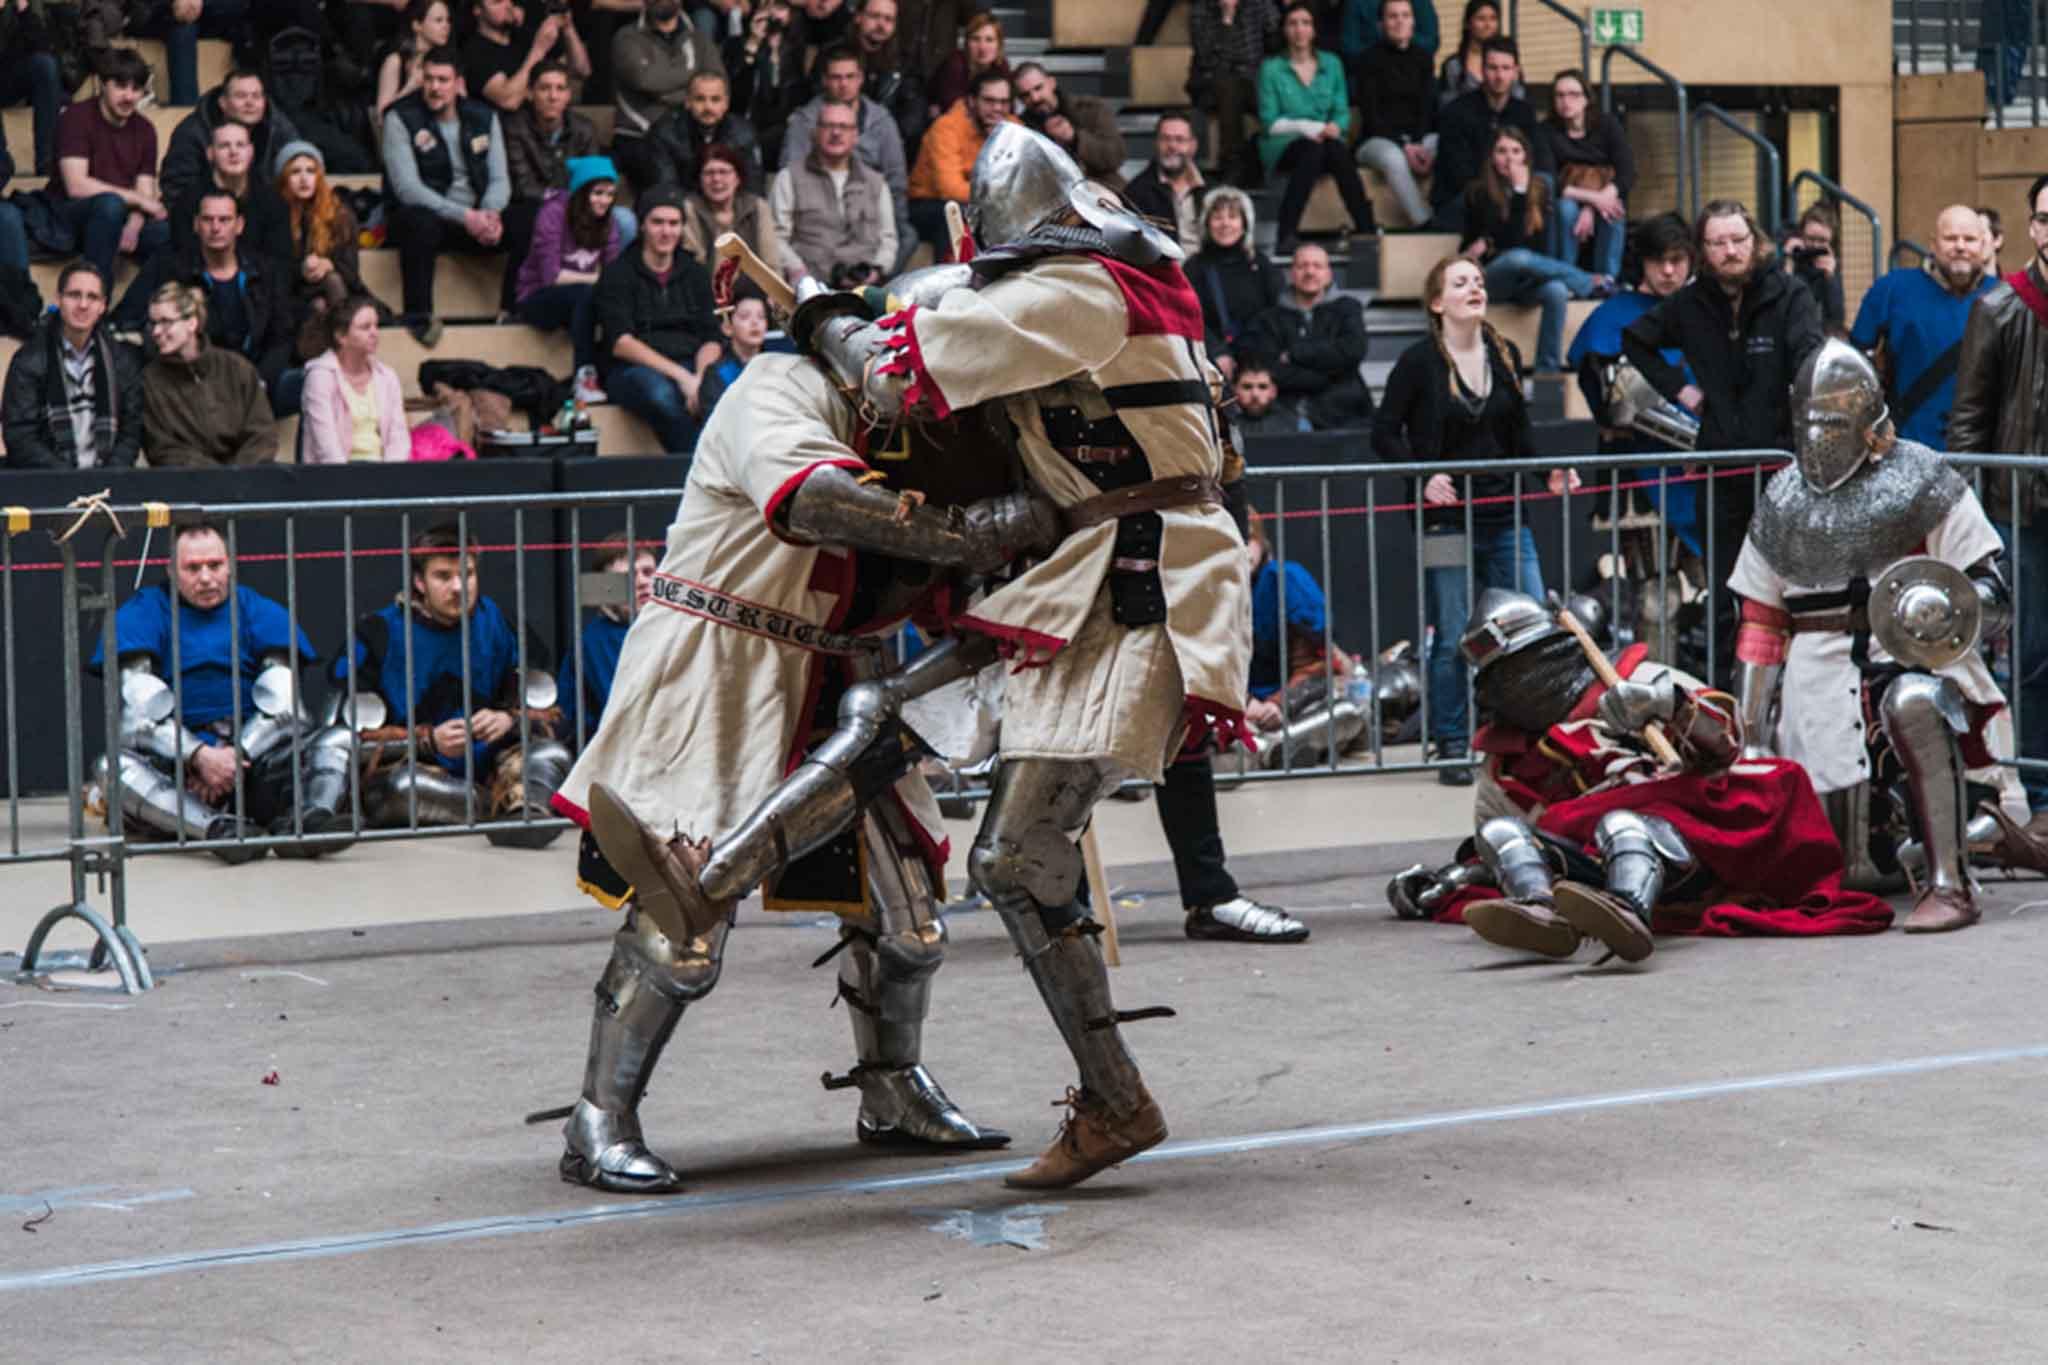 Deutsche Schwert- und Rossfechter e.V. _ Mittelalter Vollkontakt _ Buhurt _ Eisenliga _ Medieval Combat